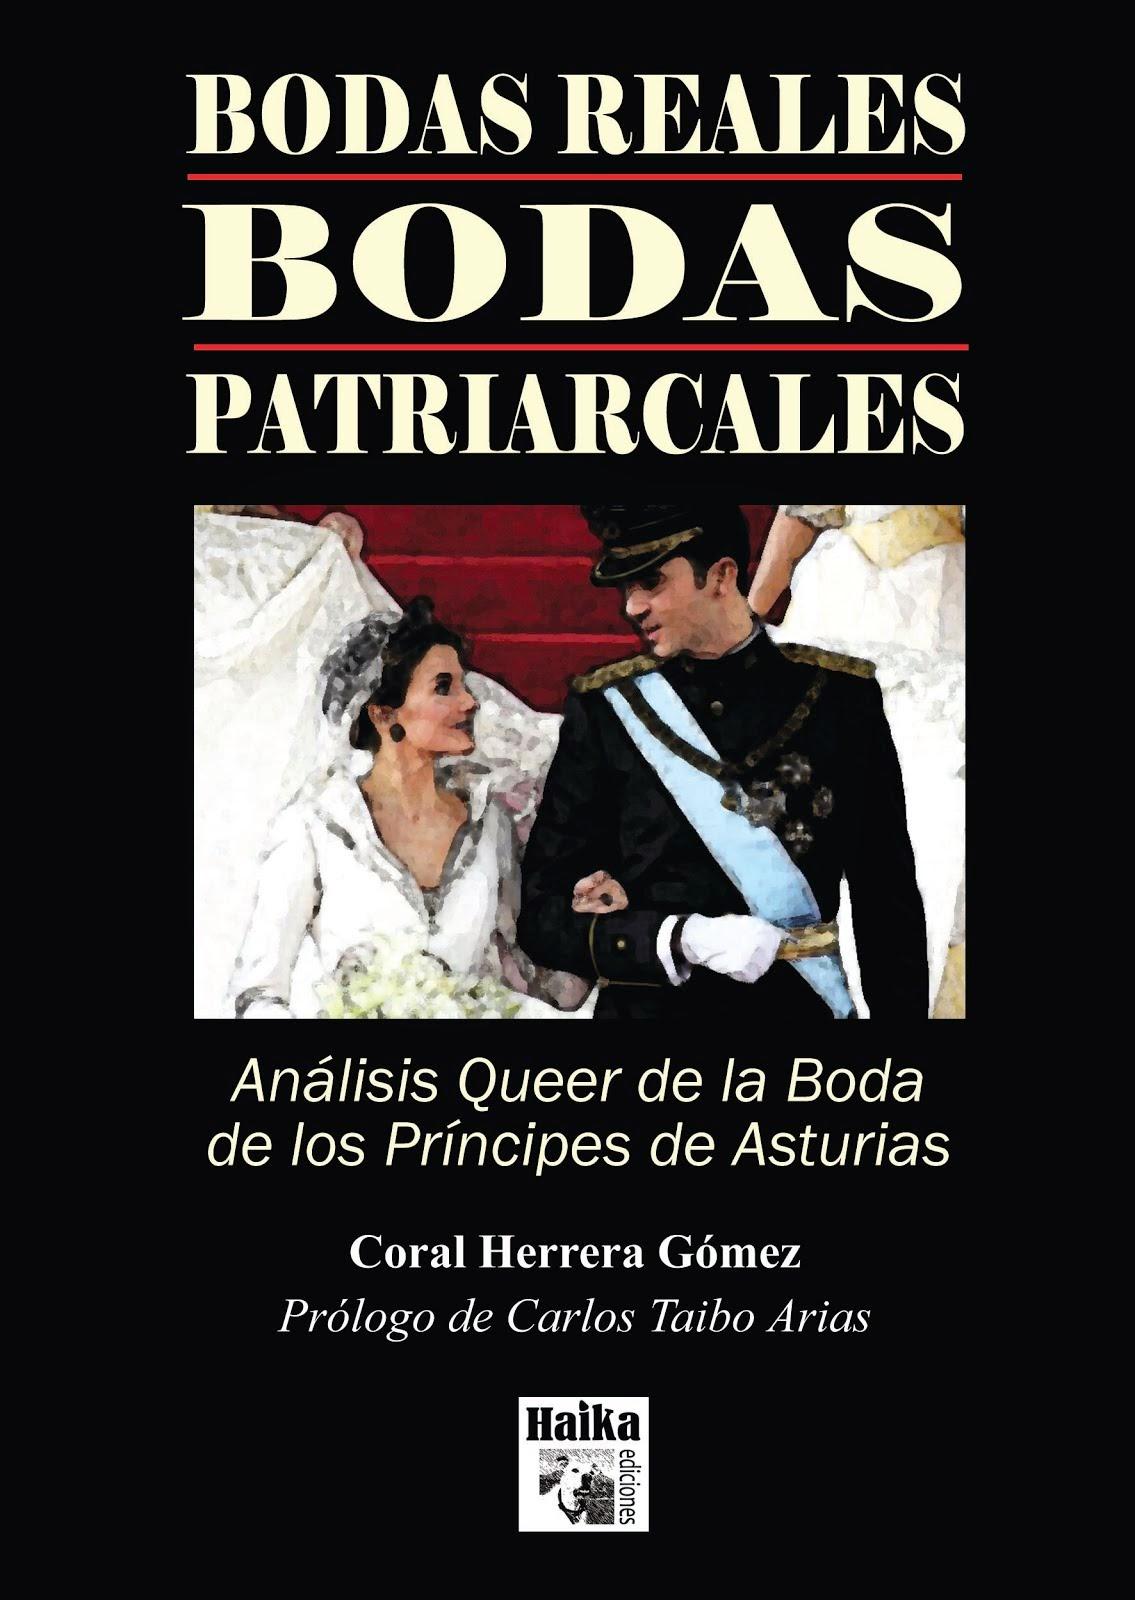 Mis libros: Bodas Reales, Bodas Patriarcales